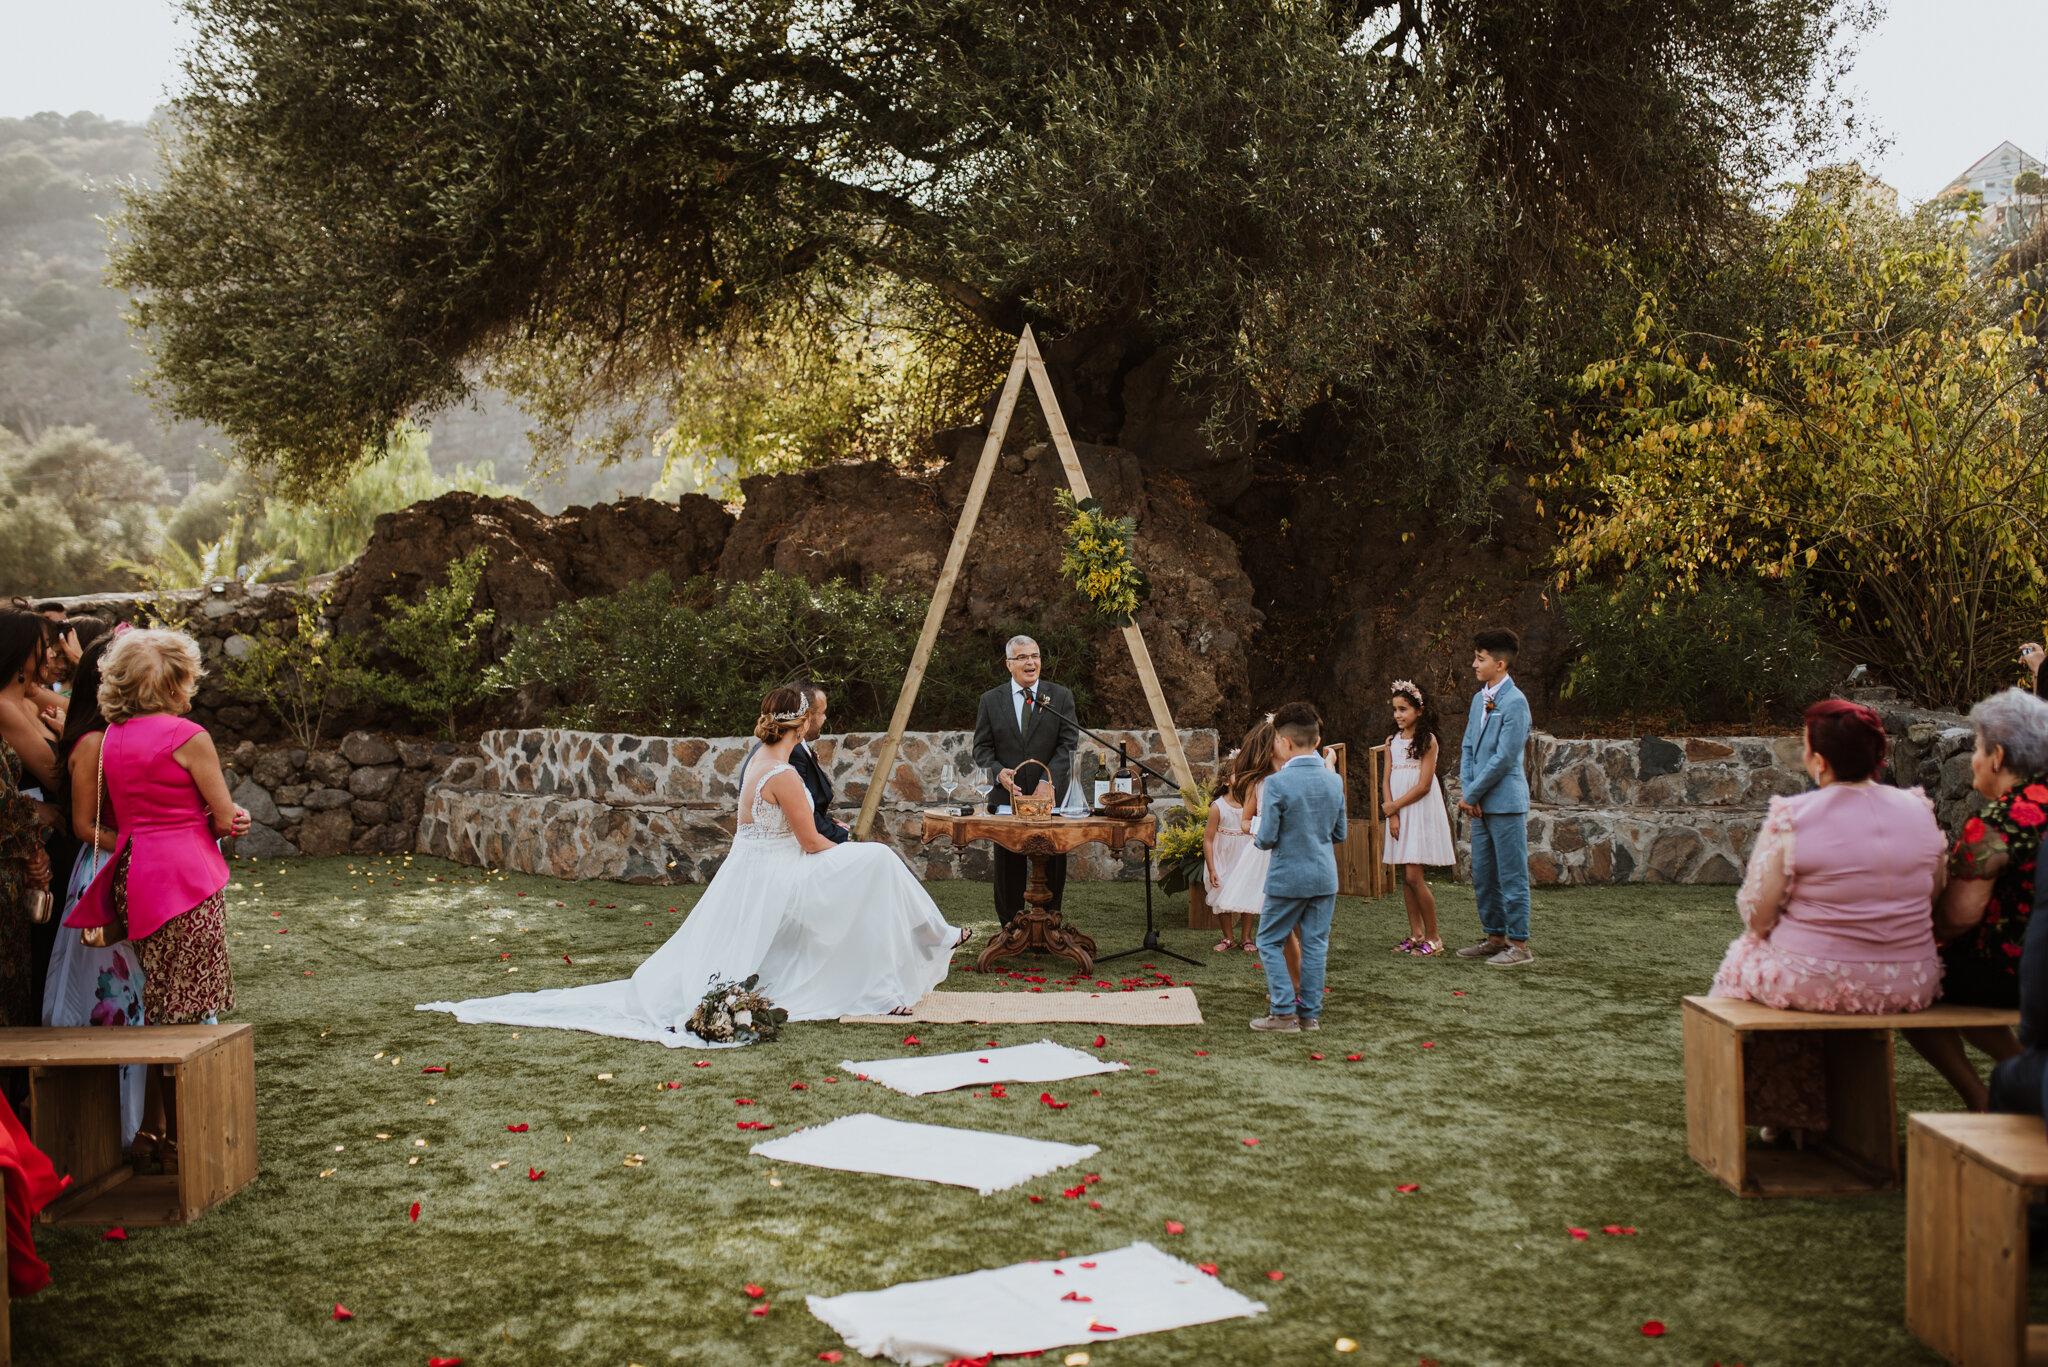 fotografo de bodas las palmas_-53.jpg